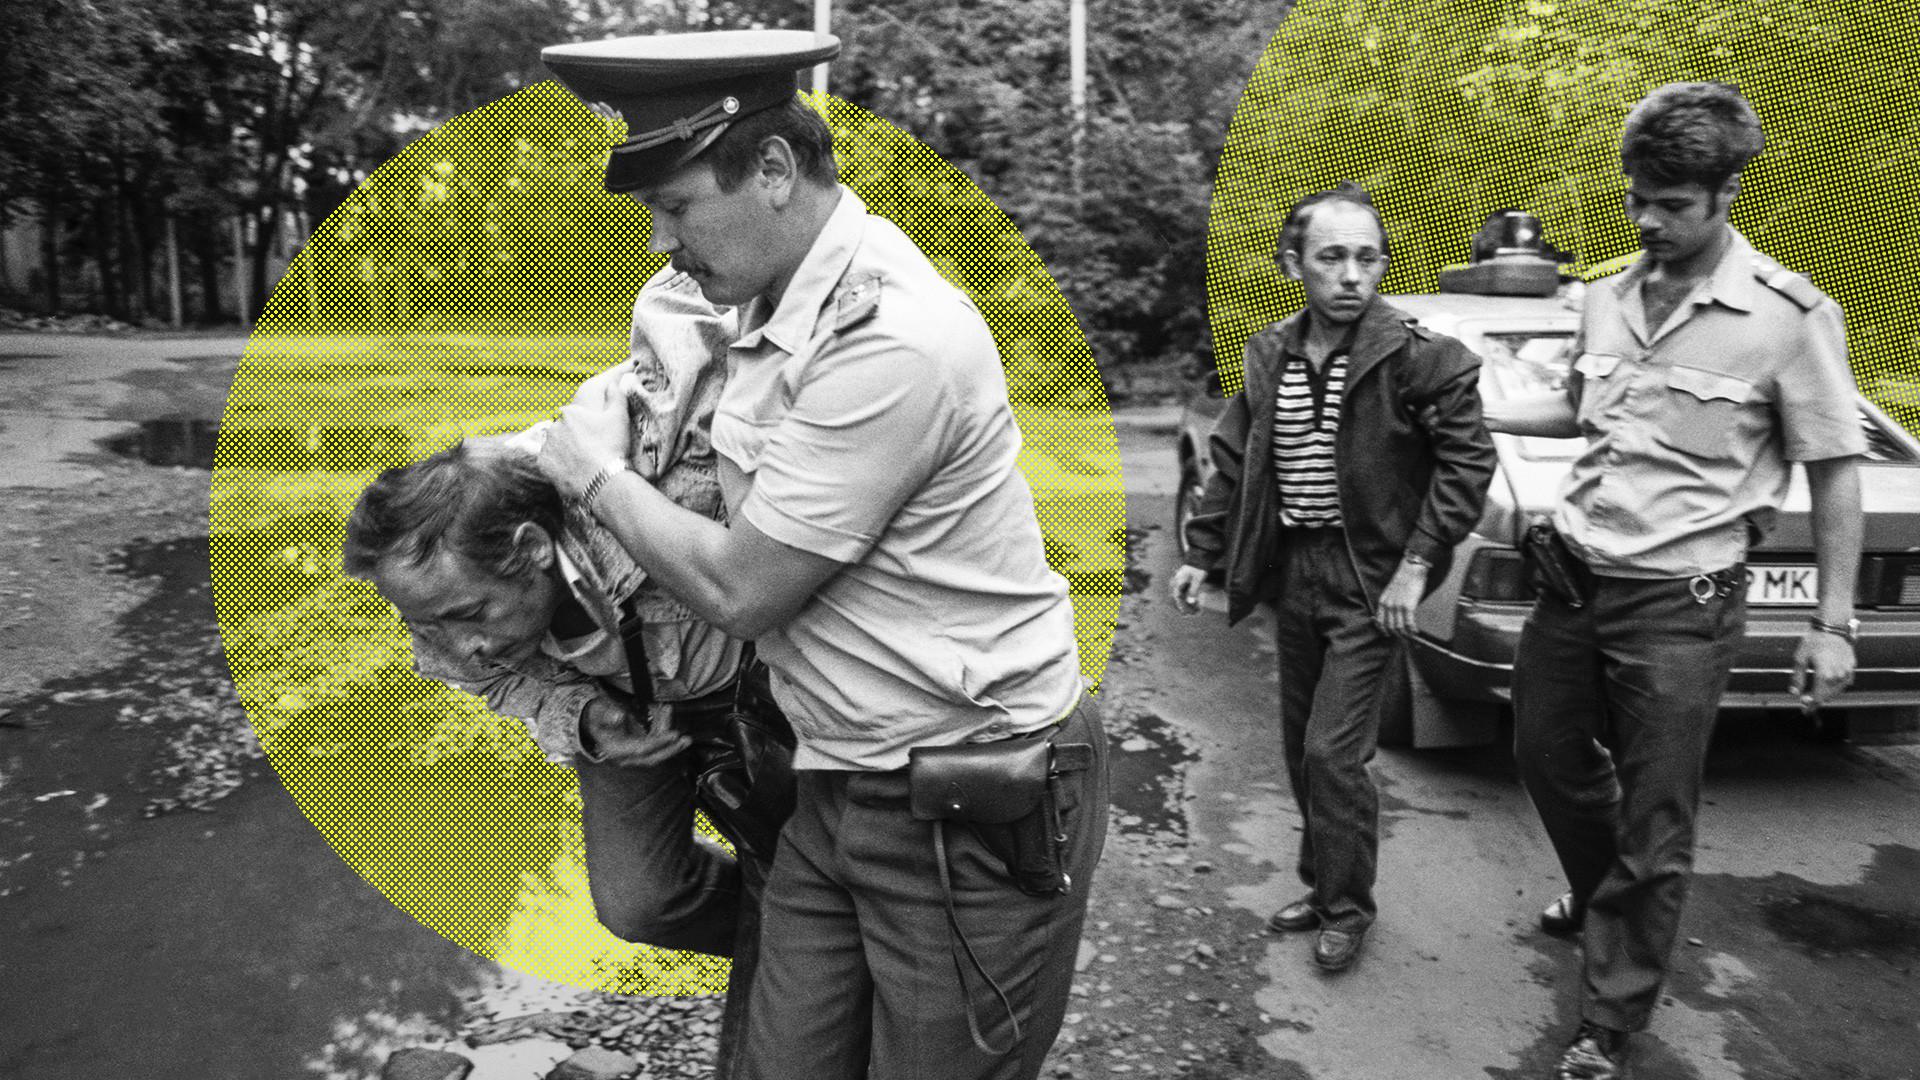 Москва, 1 августа 1993 года. Задержанных отправляют в вытрезвитель